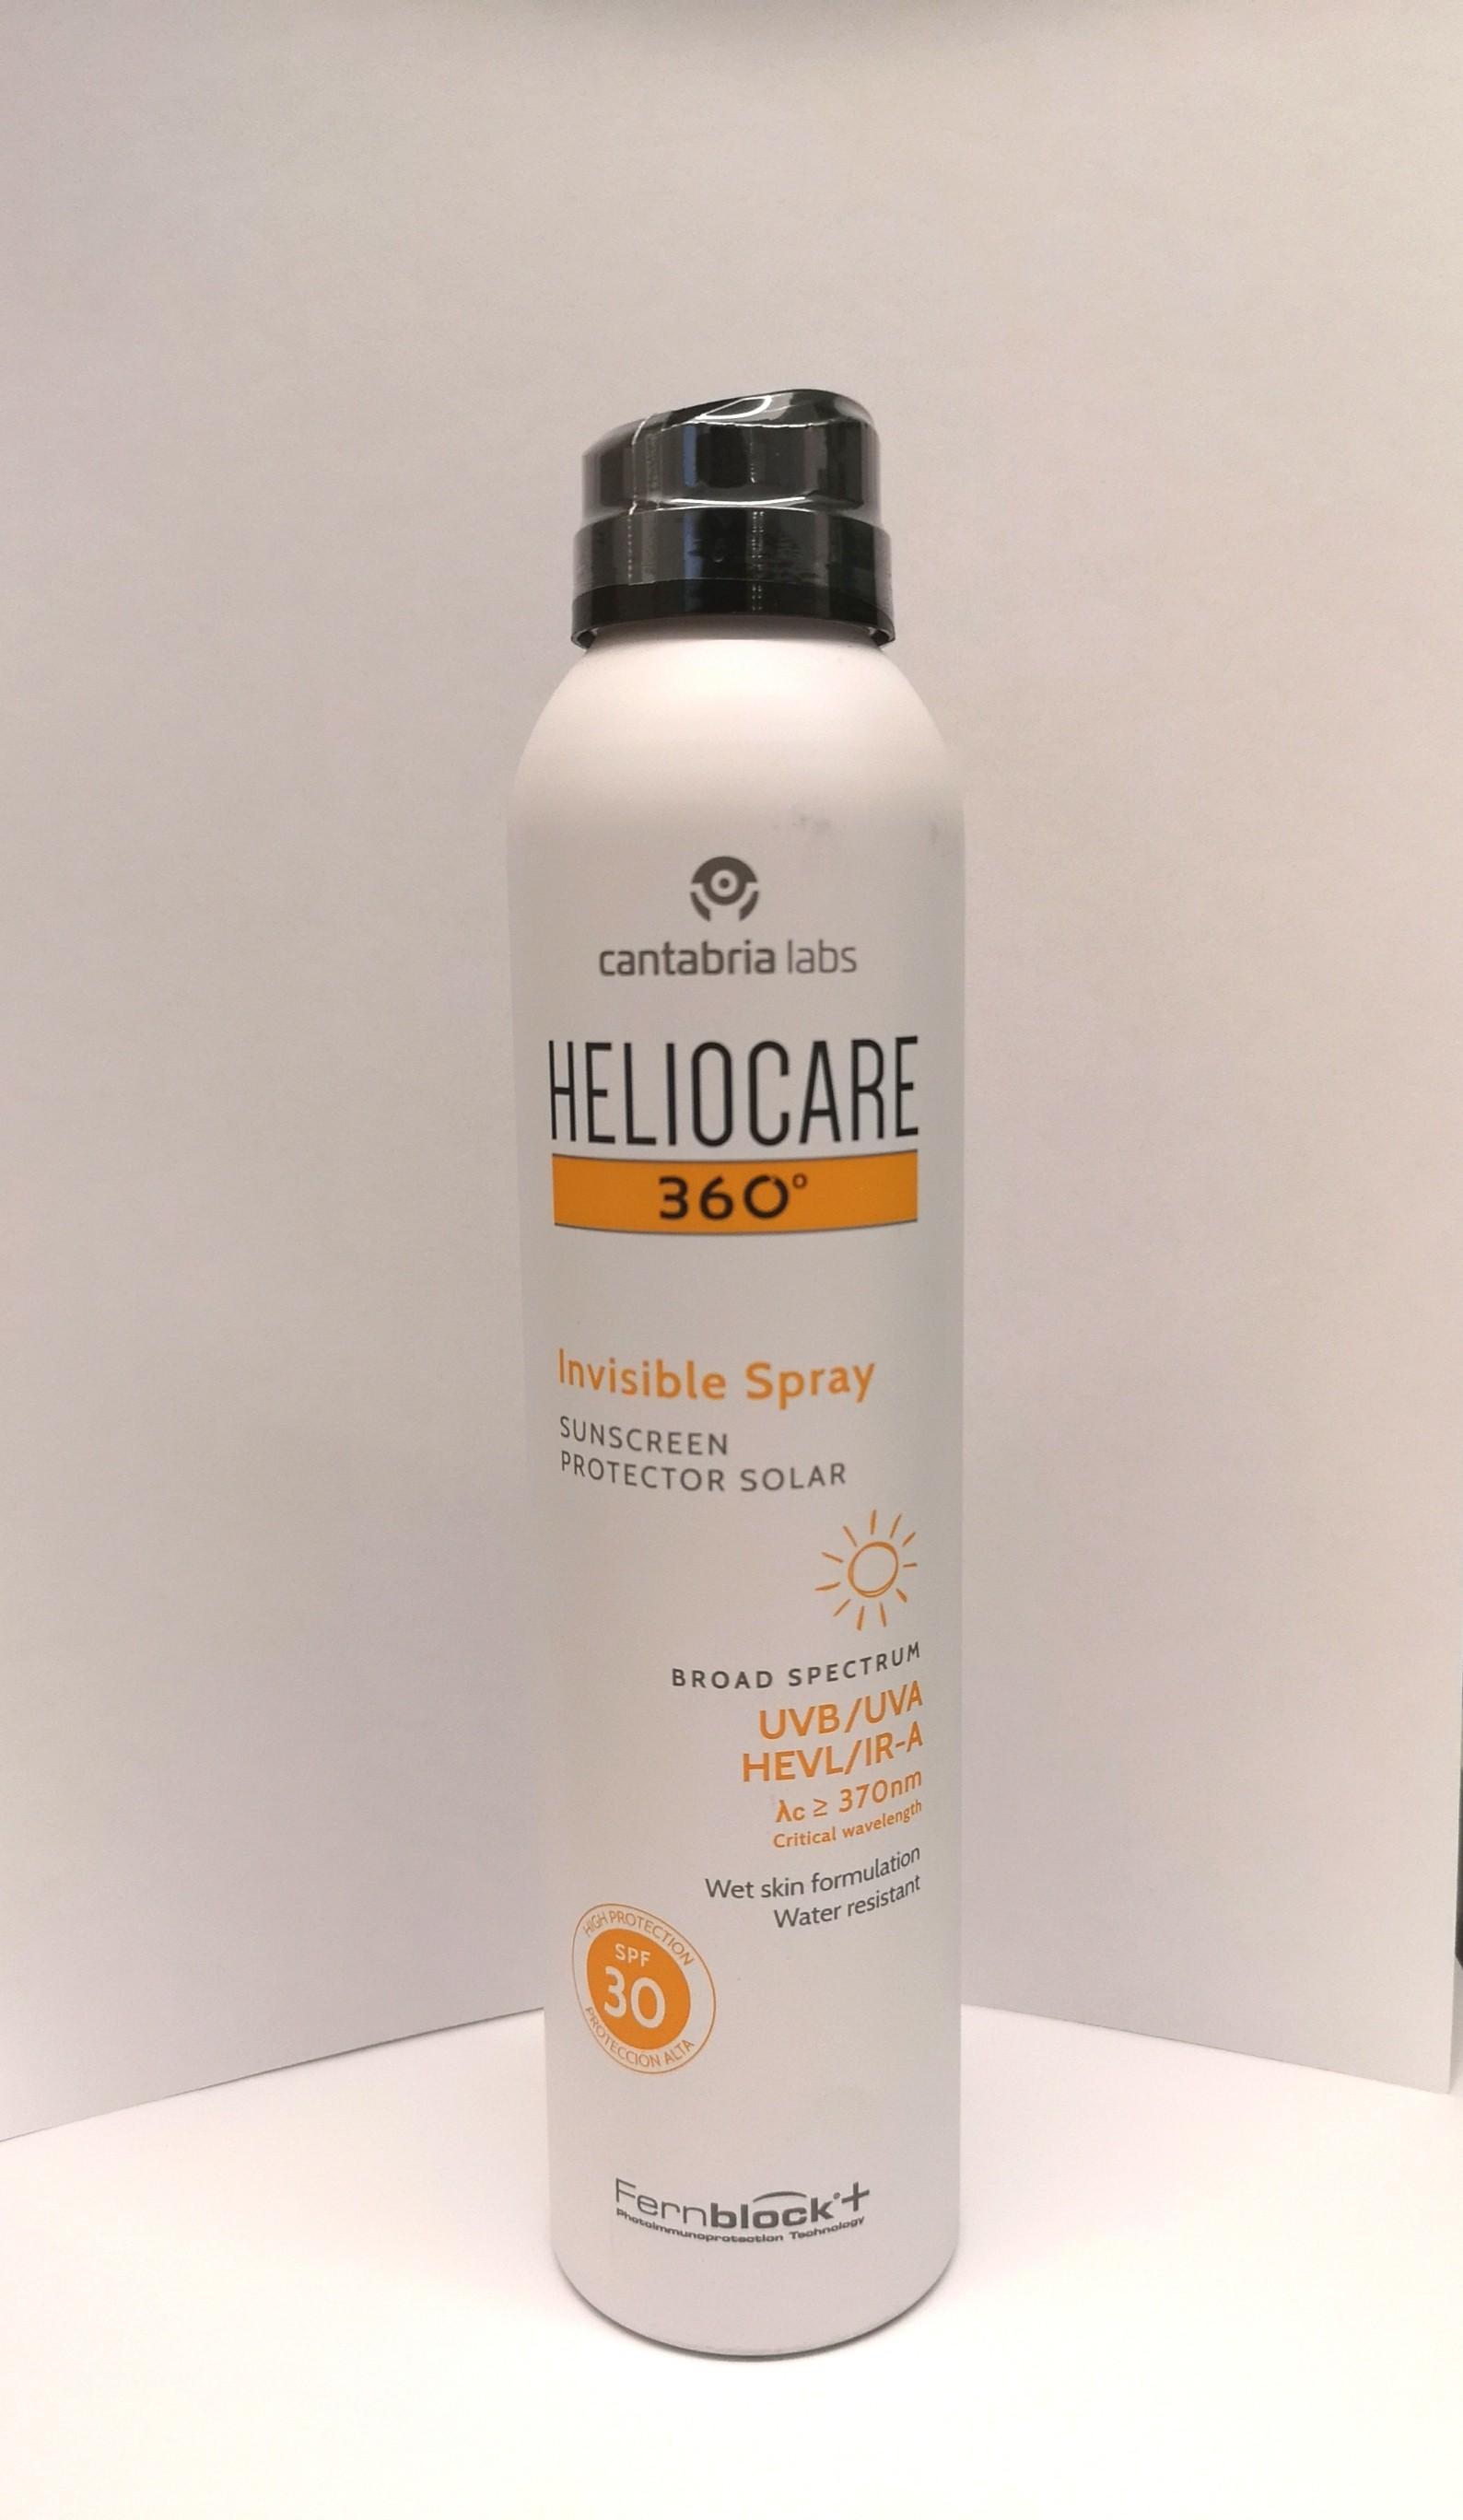 Heliocare 360 invis spr spf30